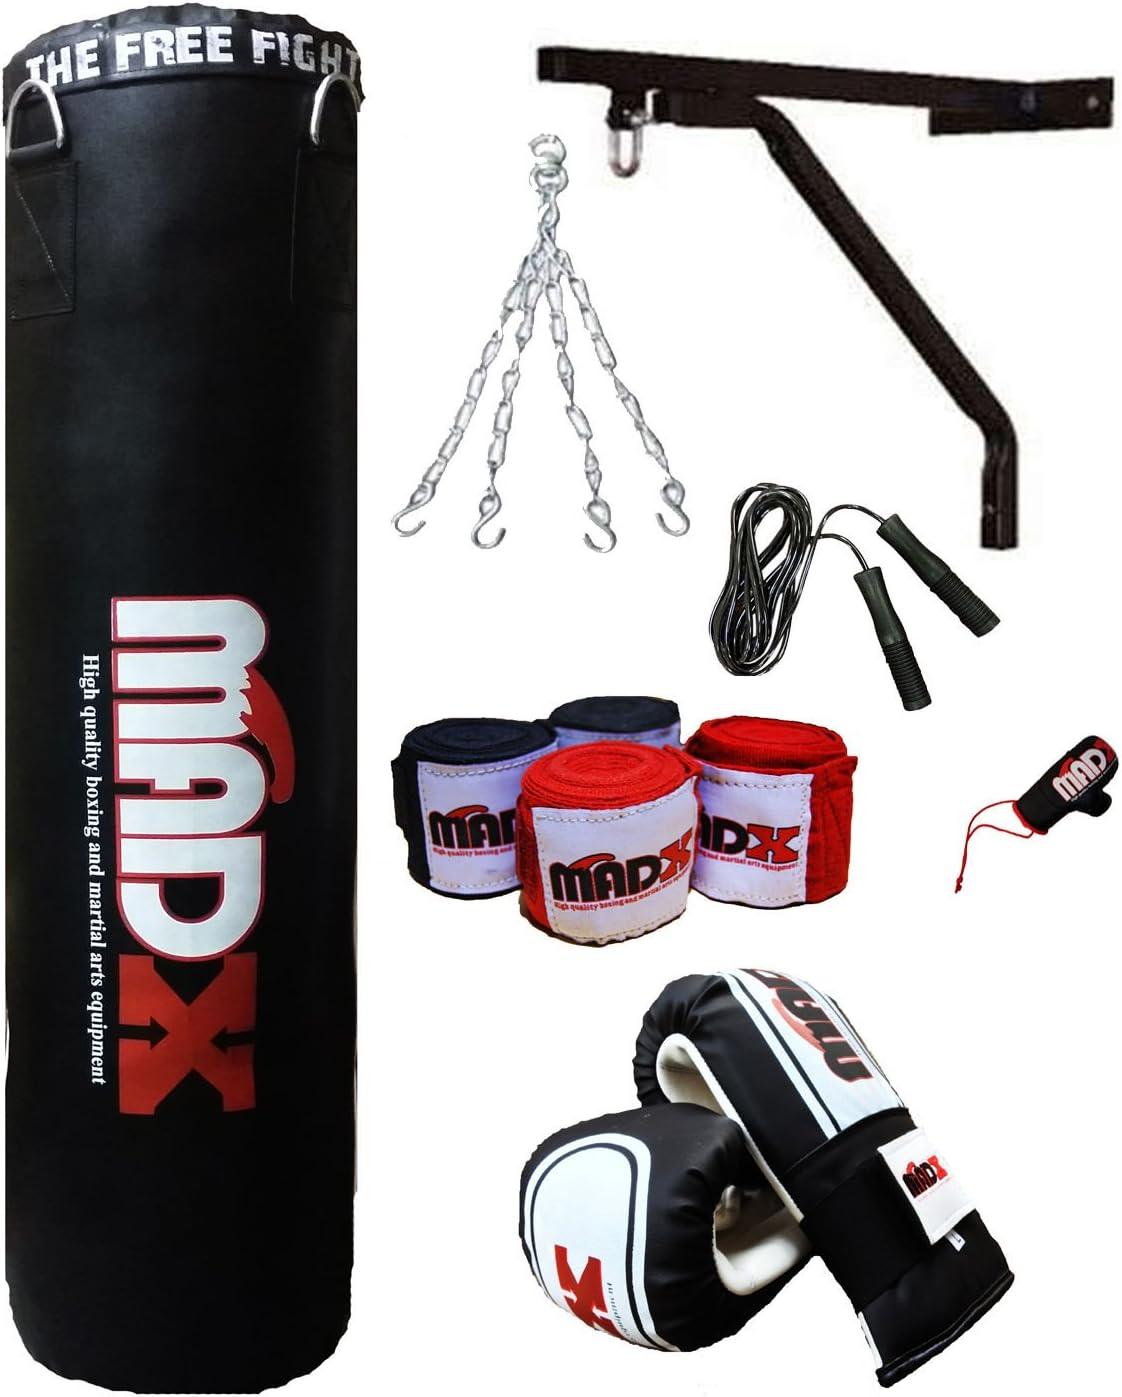 MADX - Juego de boxeo profesional de 10 piezas con saco de boxeo relleno y pesado color negro de 1,2 o 1,5 m, soportes de pared y guantes, también para artes marciales